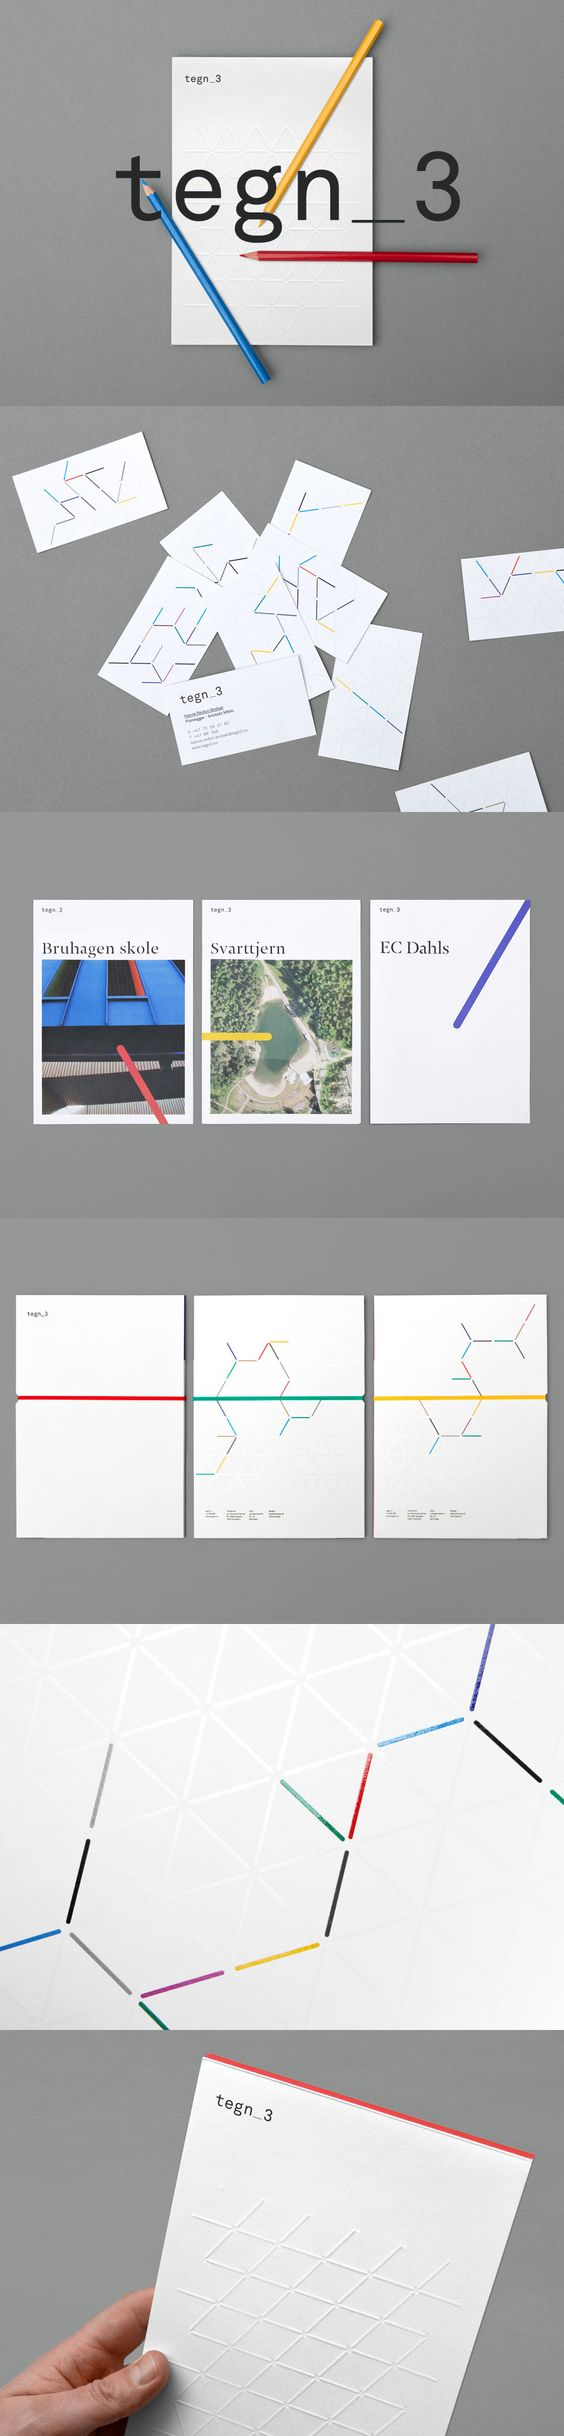 Tegn_3 — Neue